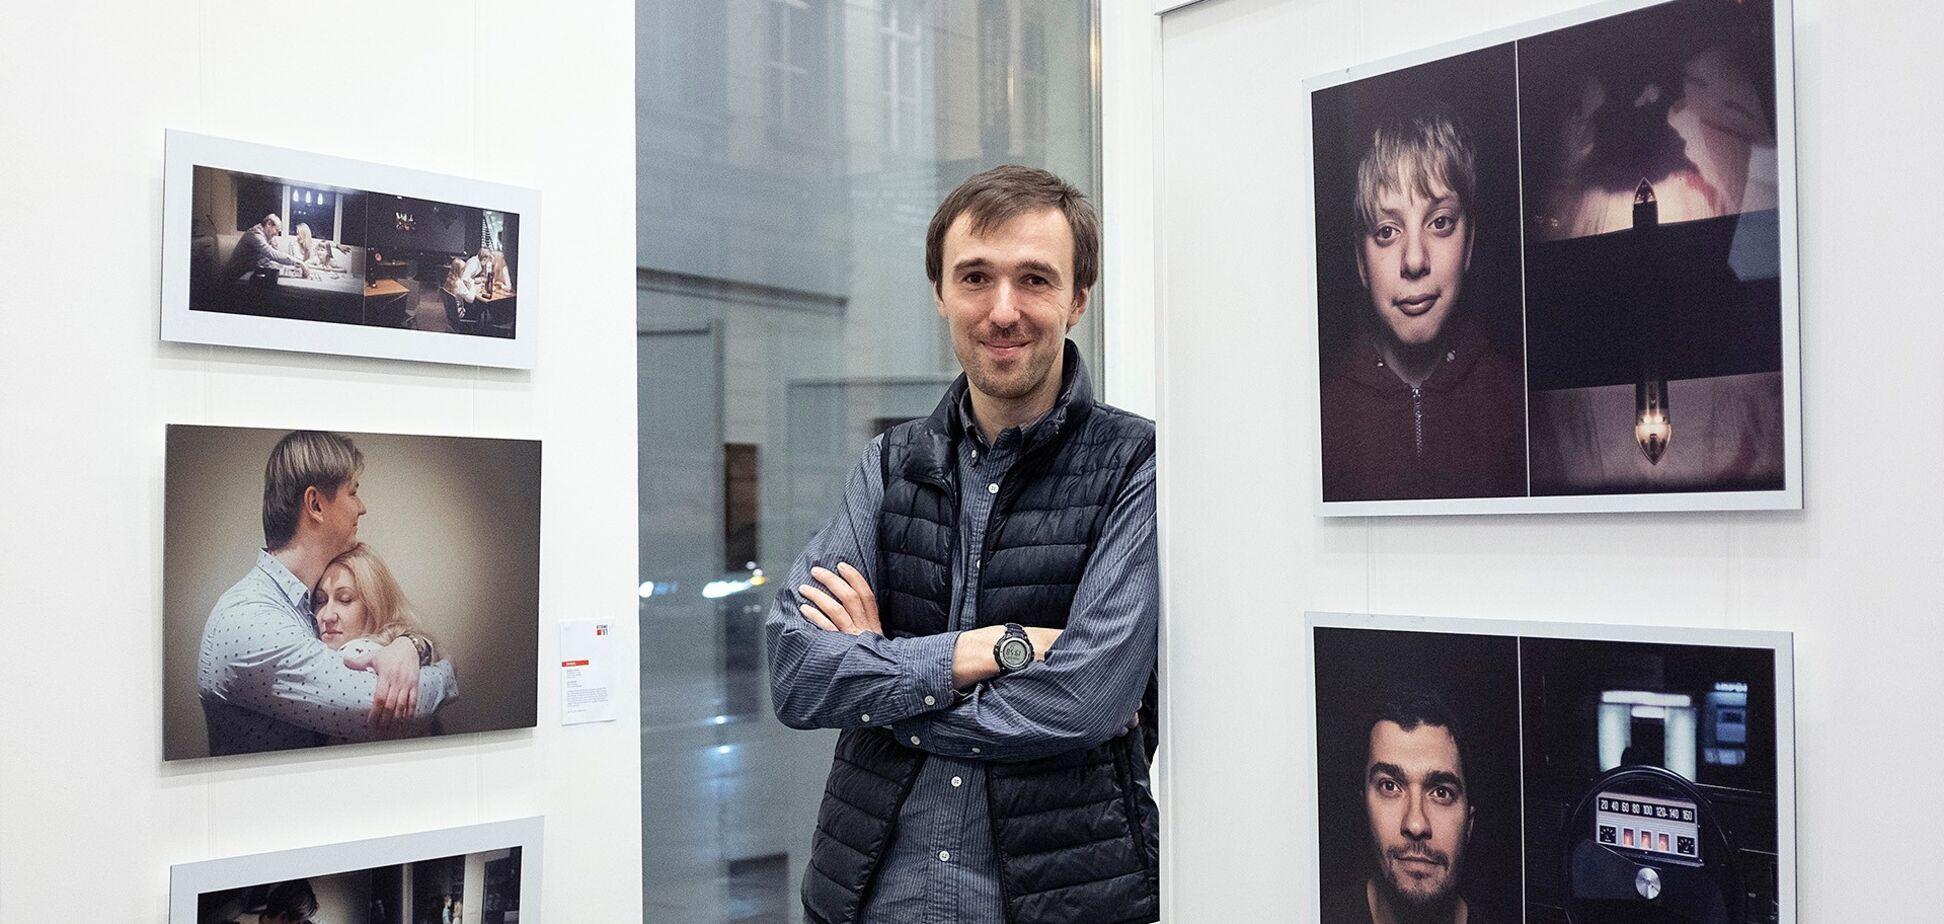 Фото Зеленского для The Guardian сделал известный фотограф из Москвы